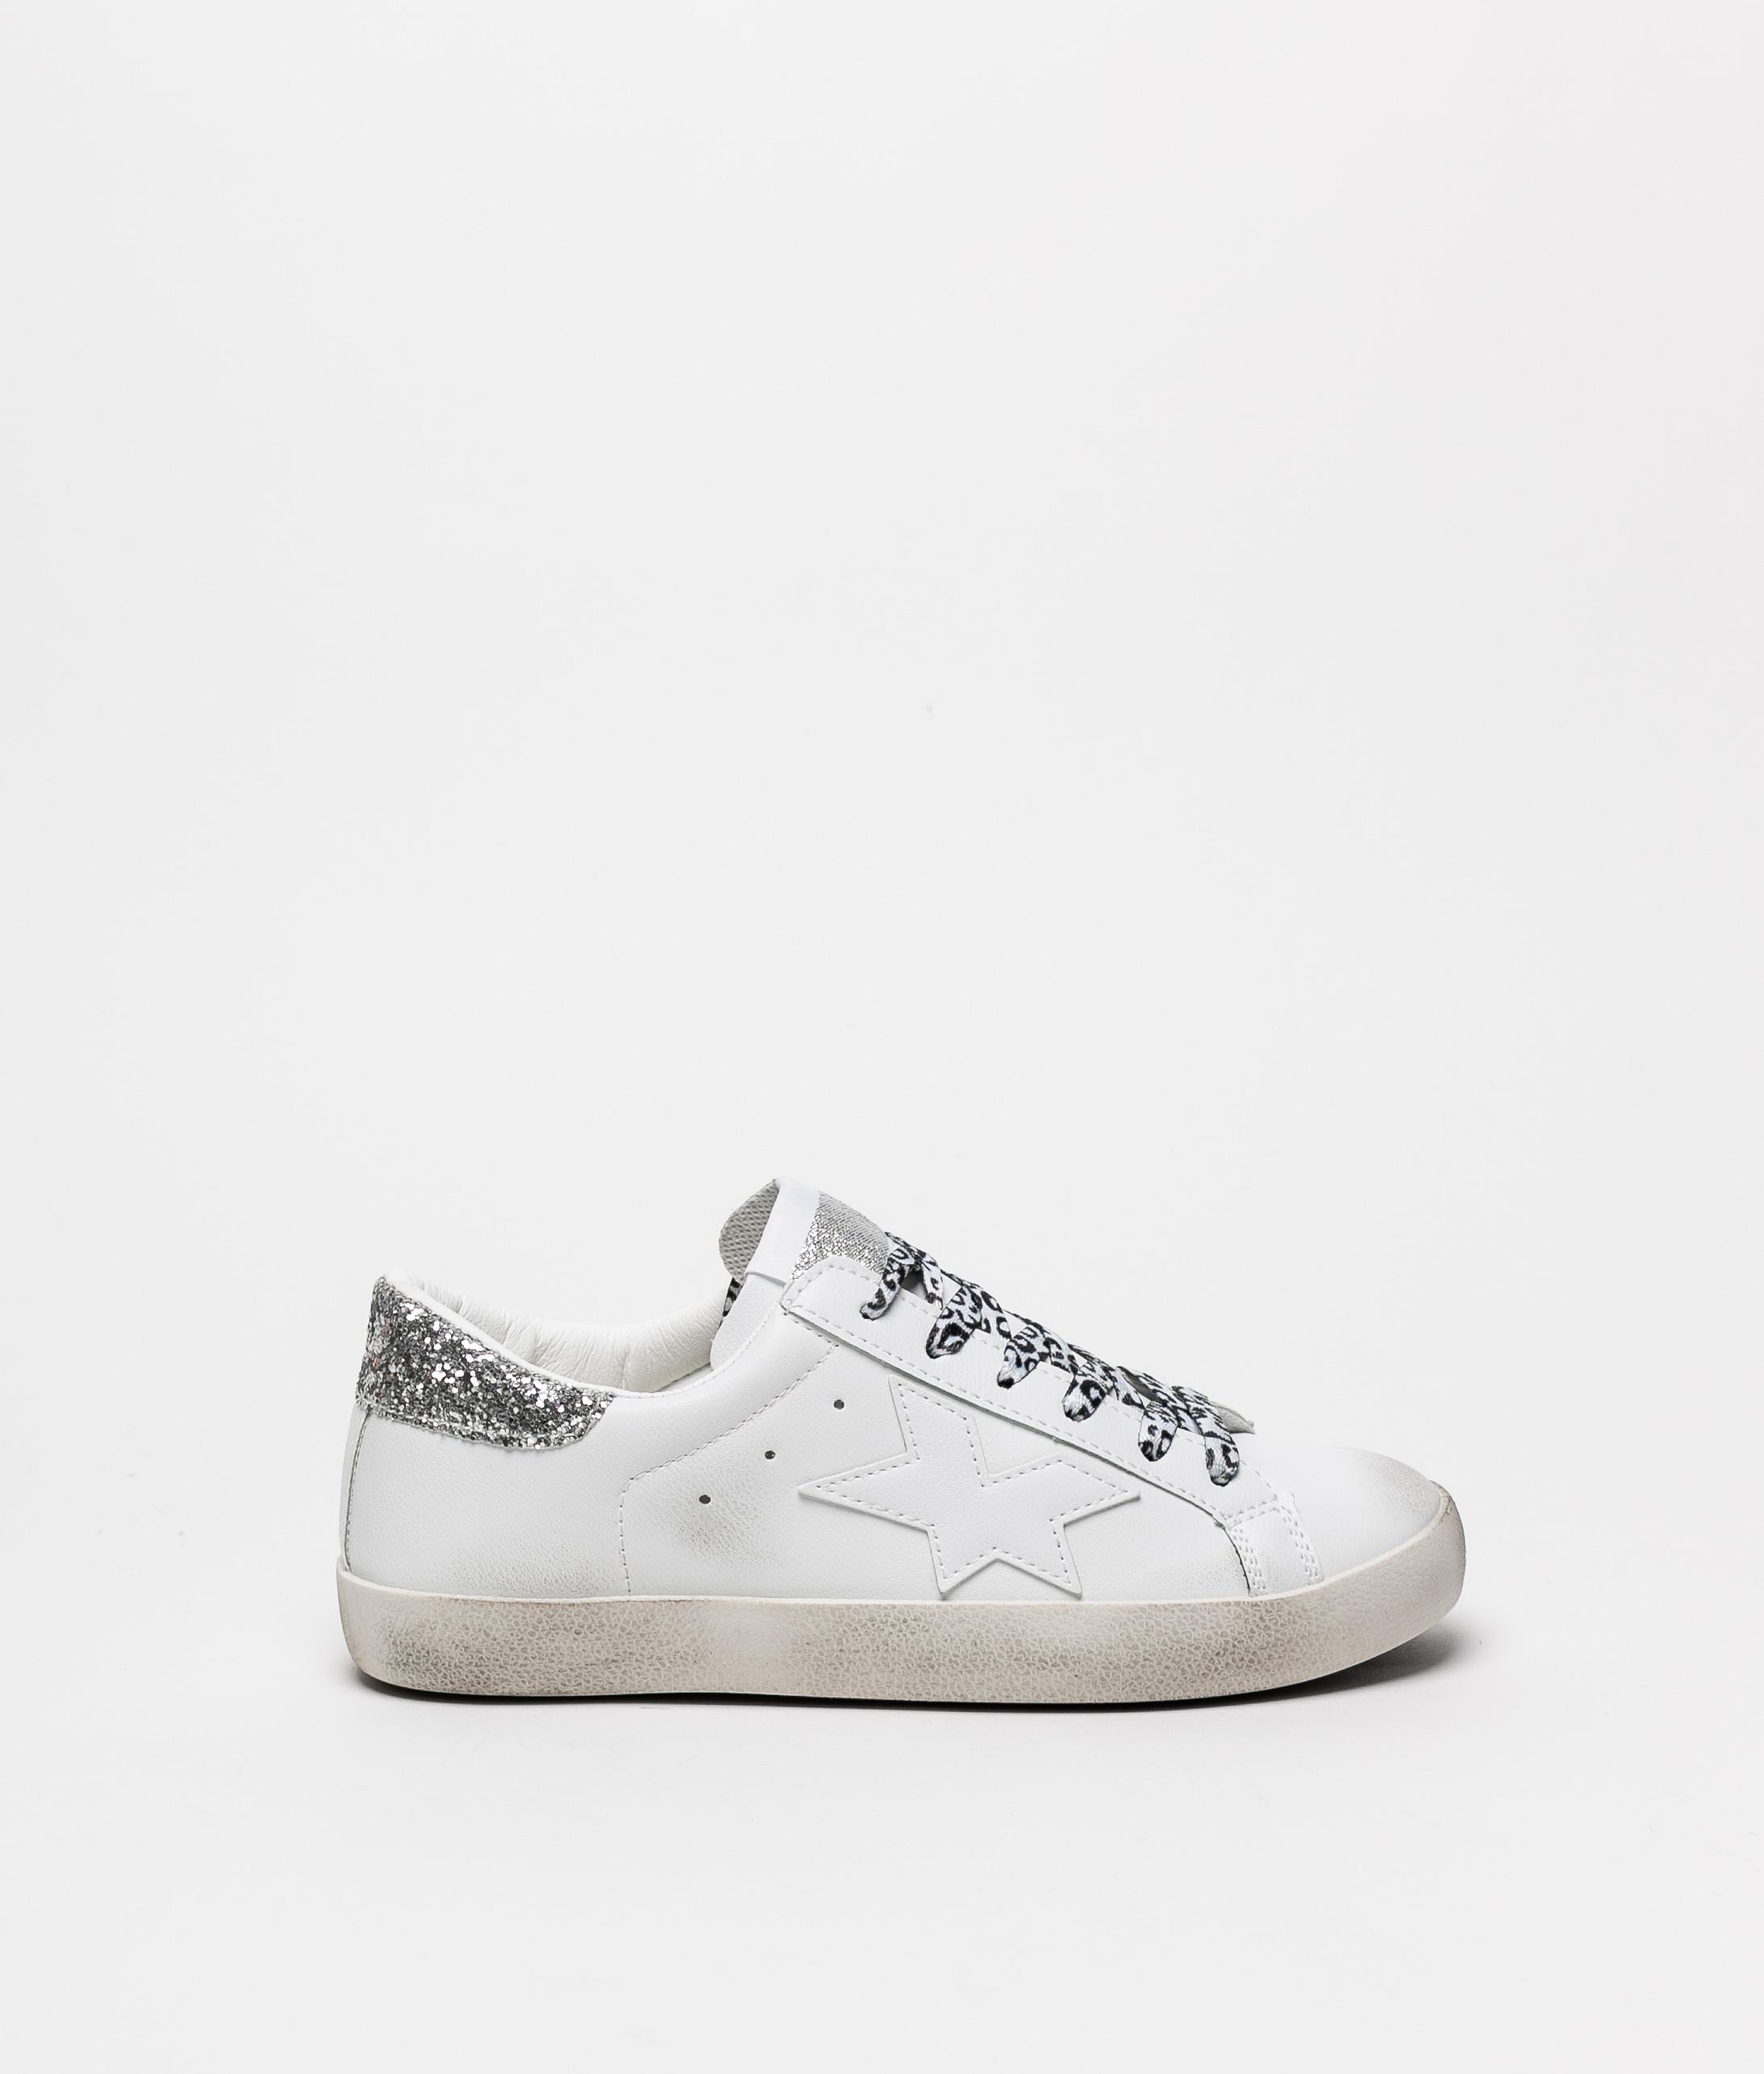 Sneakers Colir - Branco/Prata